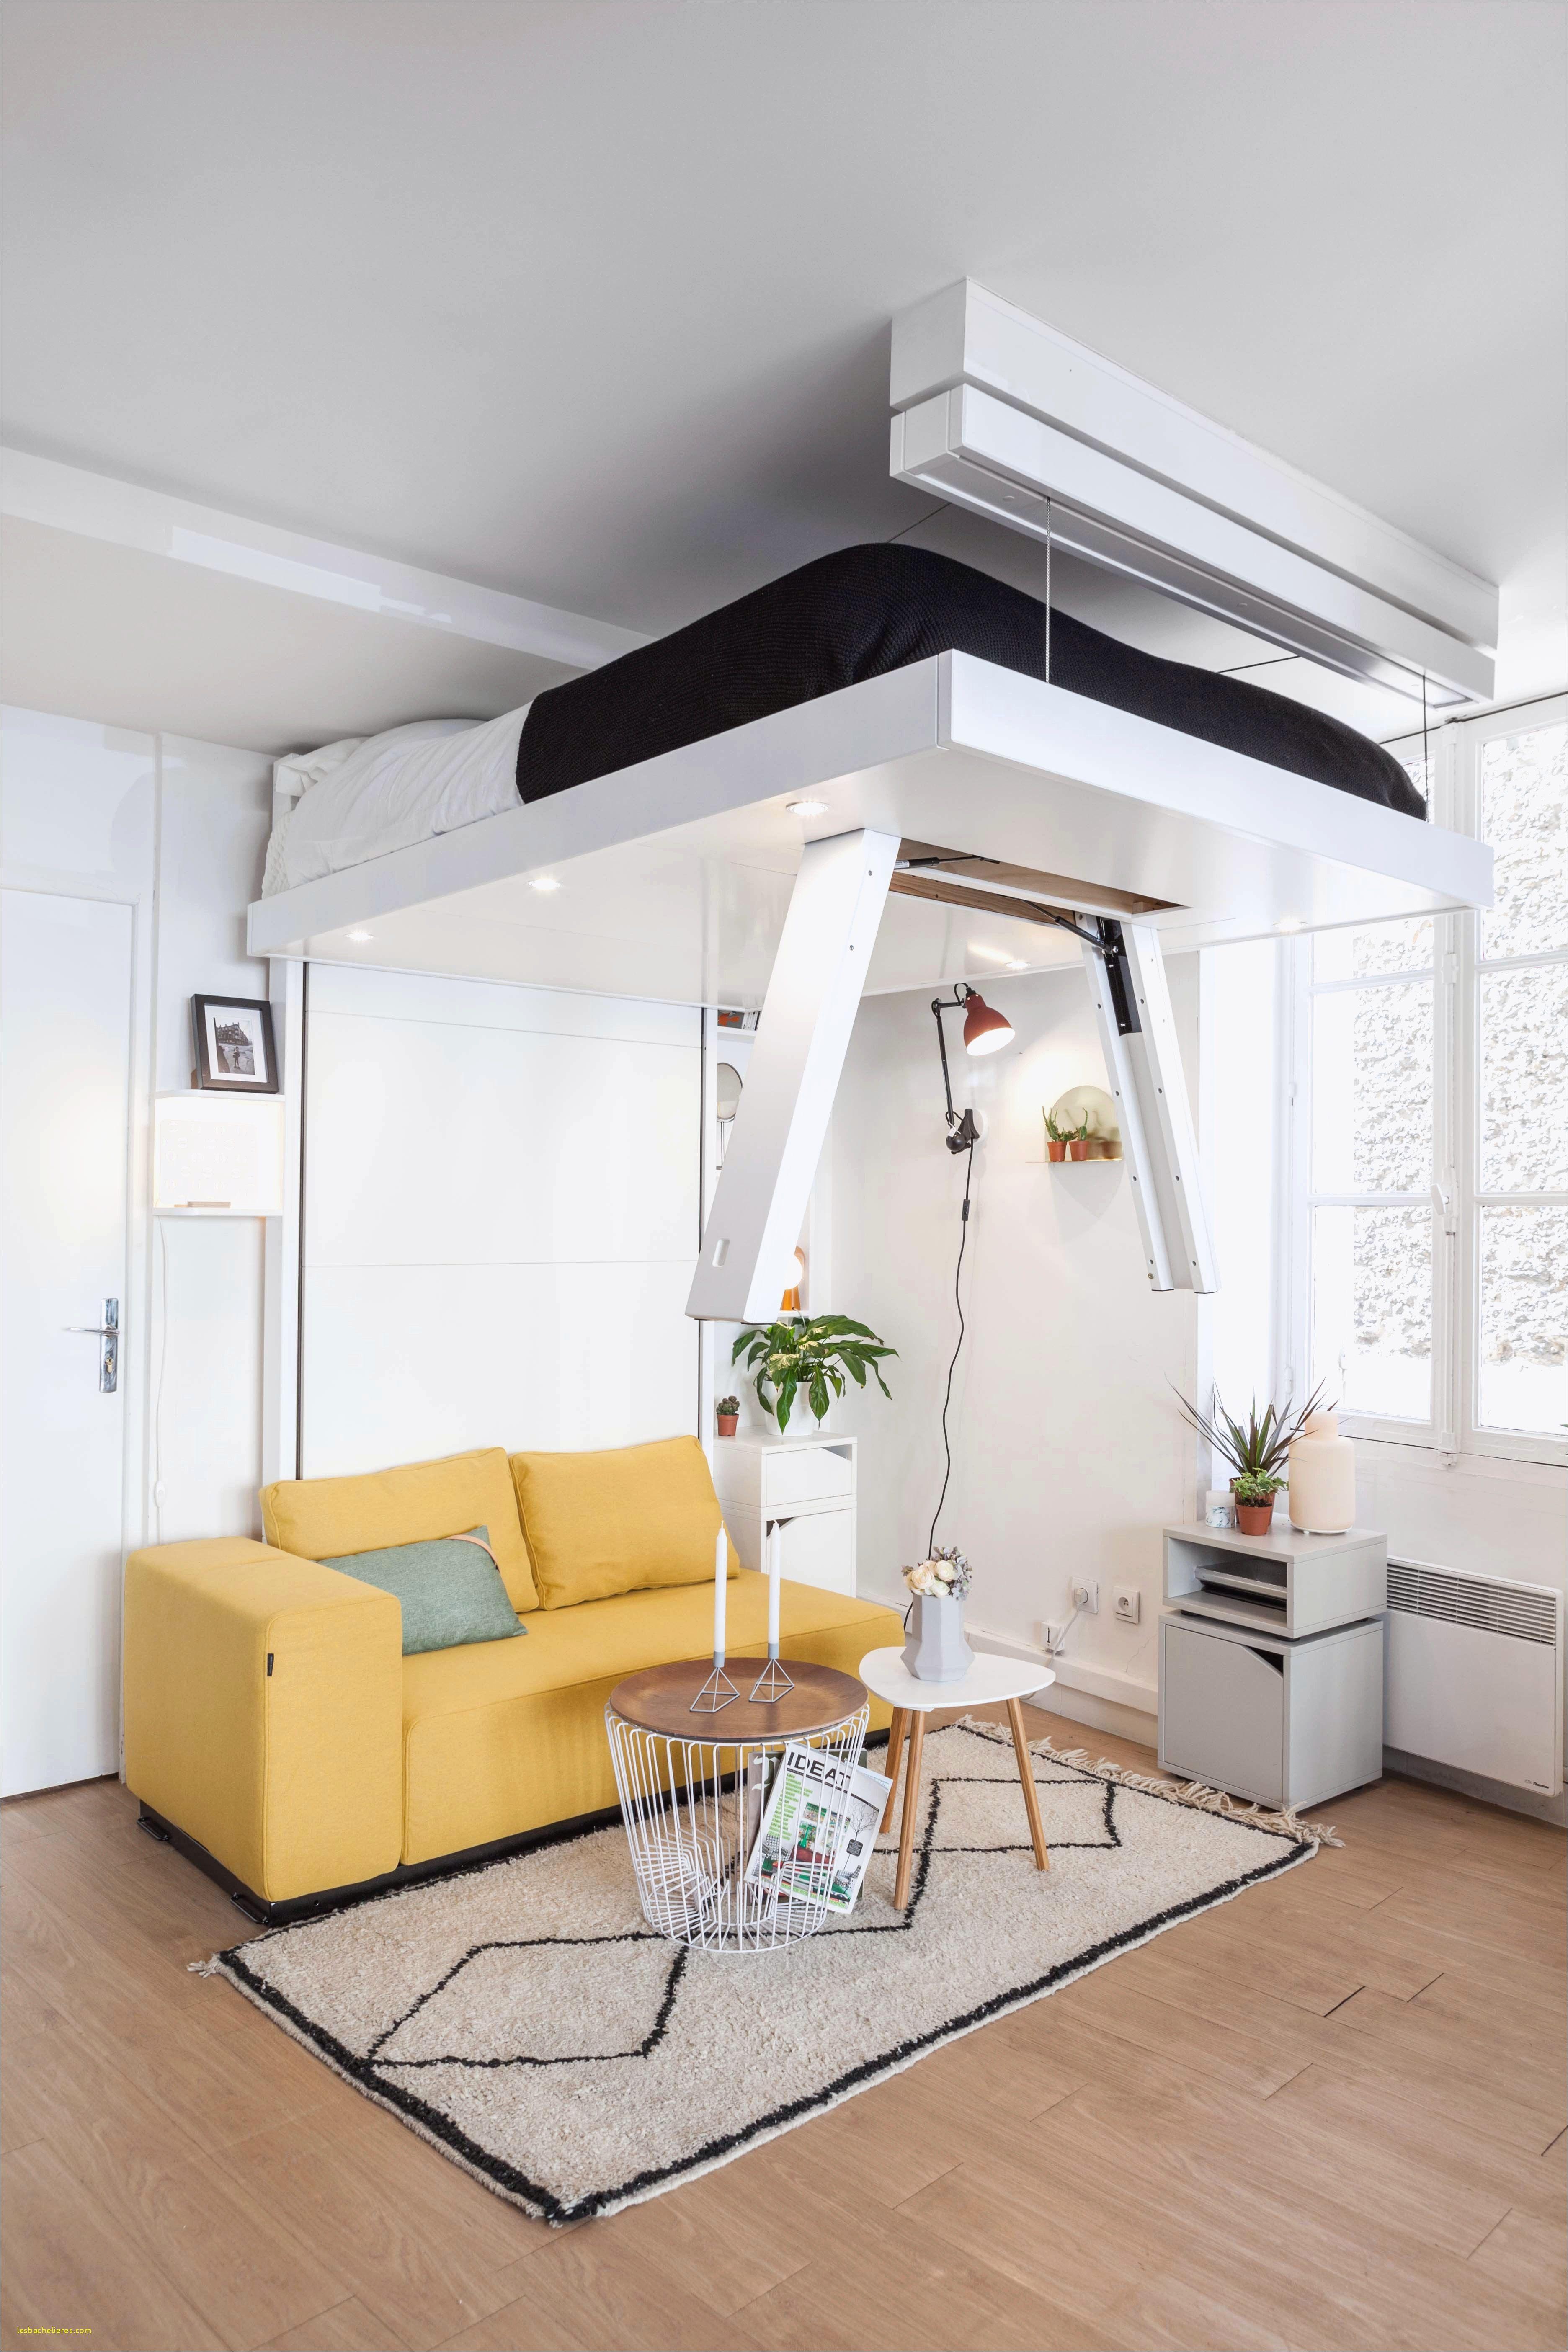 Lit Escamotable Plafond Ikea Belle Résultat Supérieur Lit Armoire Griffon Meilleur De Lit Escamotable